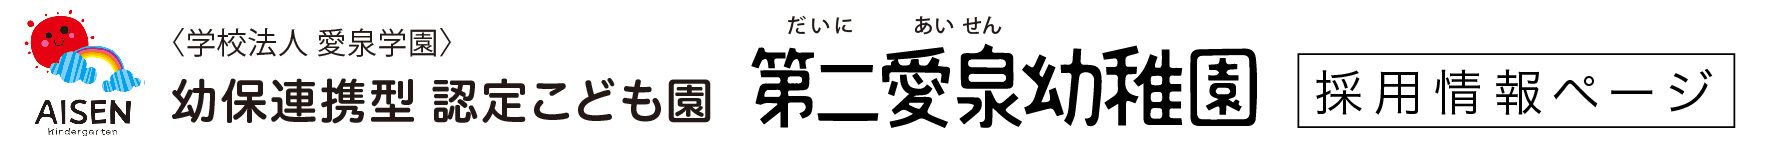 aisen_top_02@3x-100.jpg